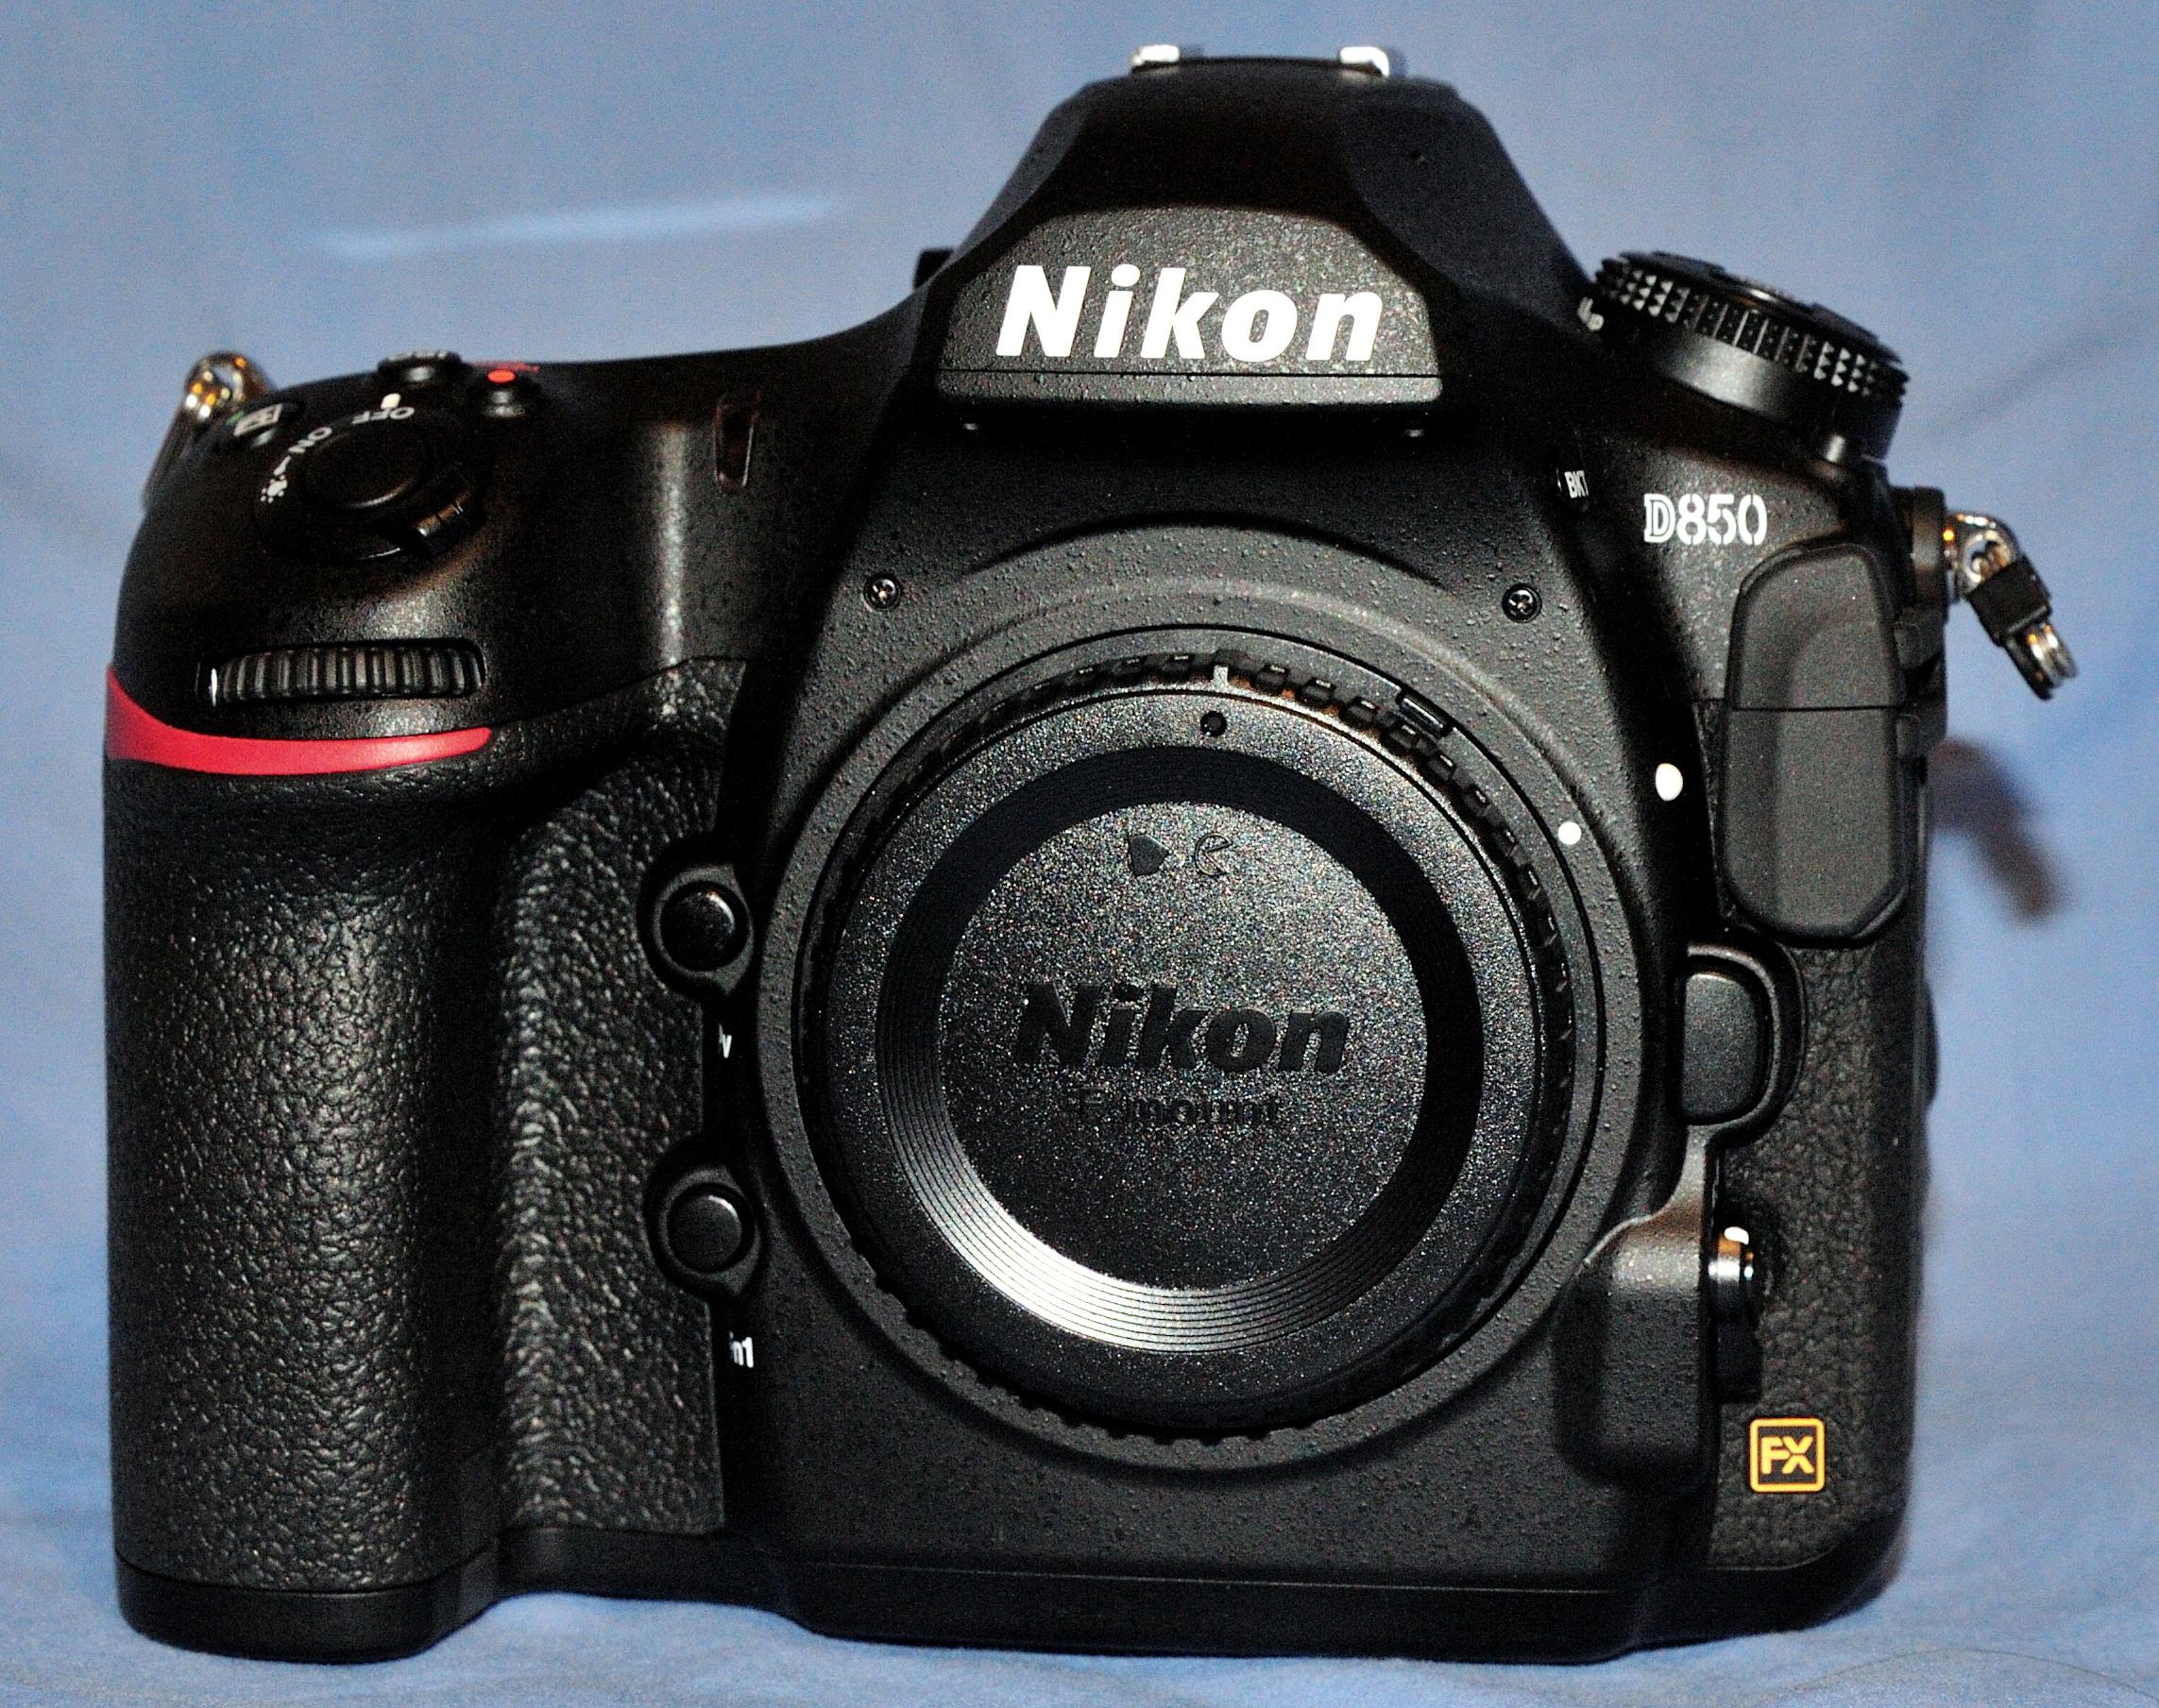 Nikon D850 digital single-lens reflex camera.jpg